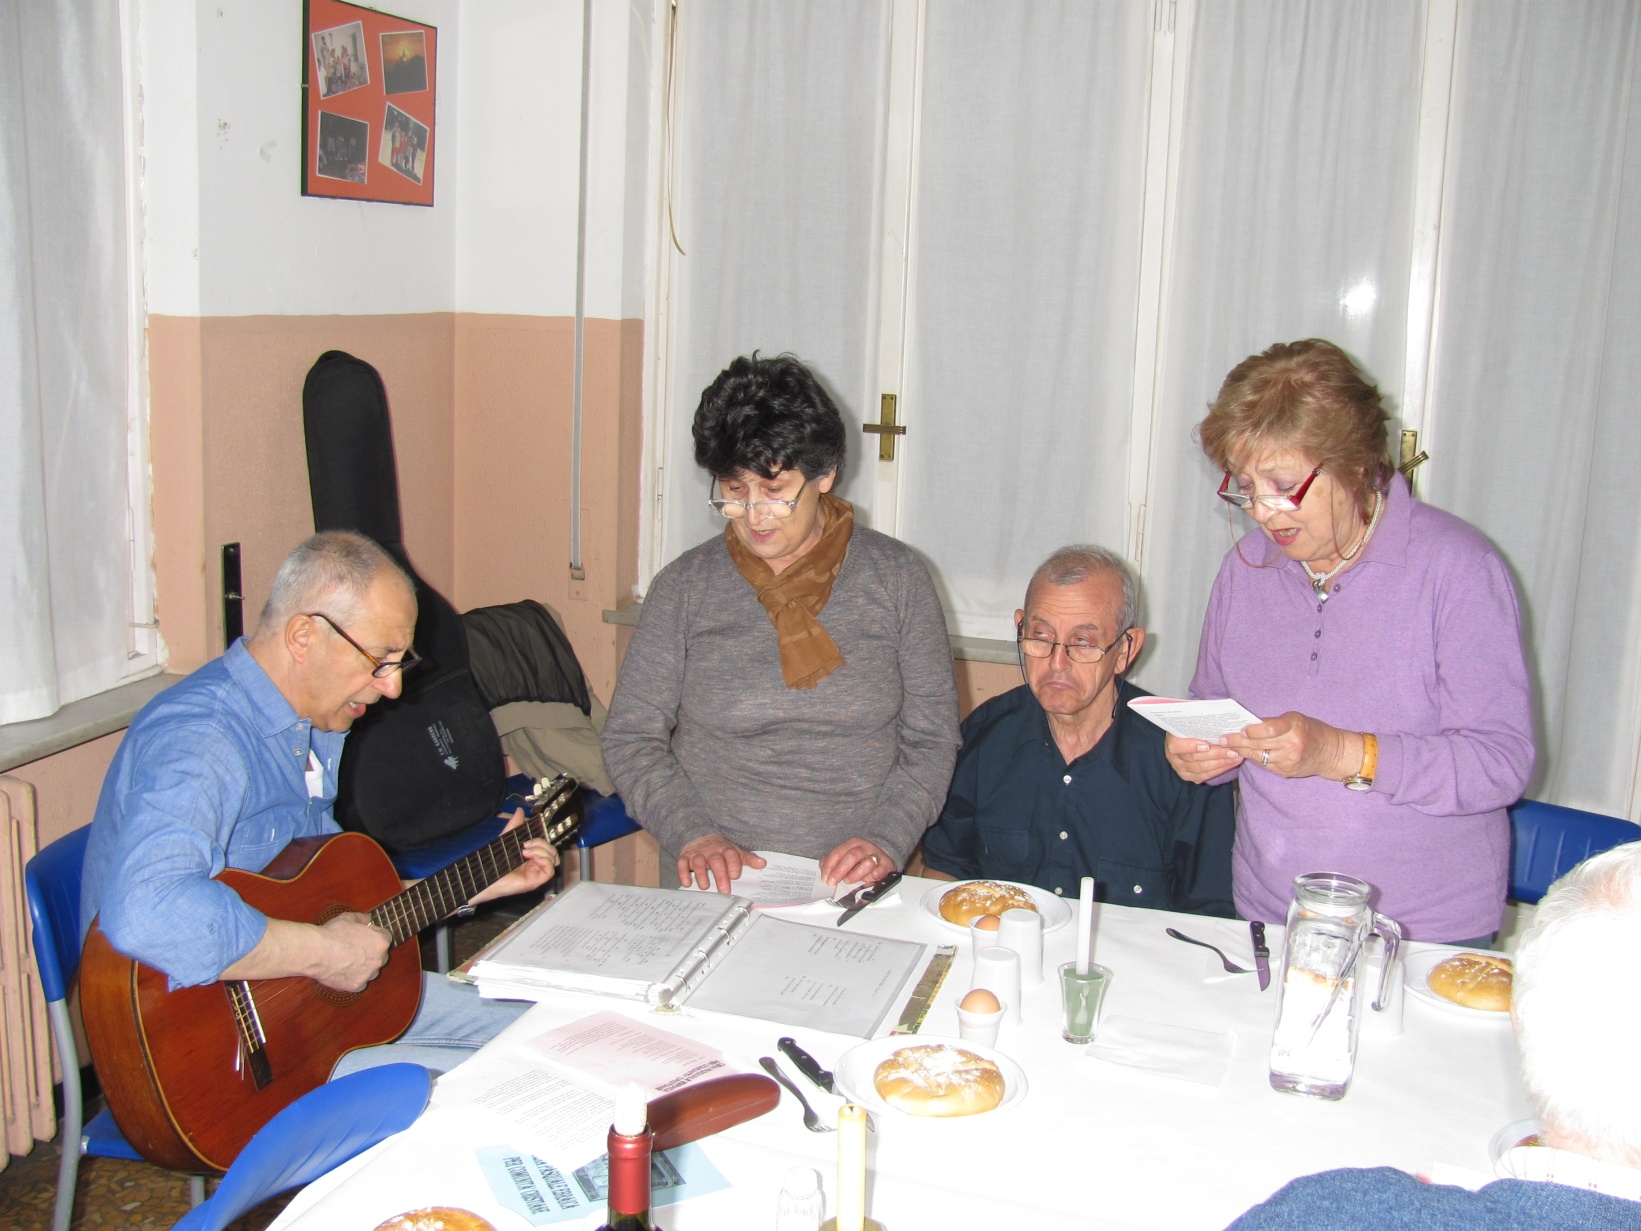 cena_ebraica-2011-04-20-19-20-35